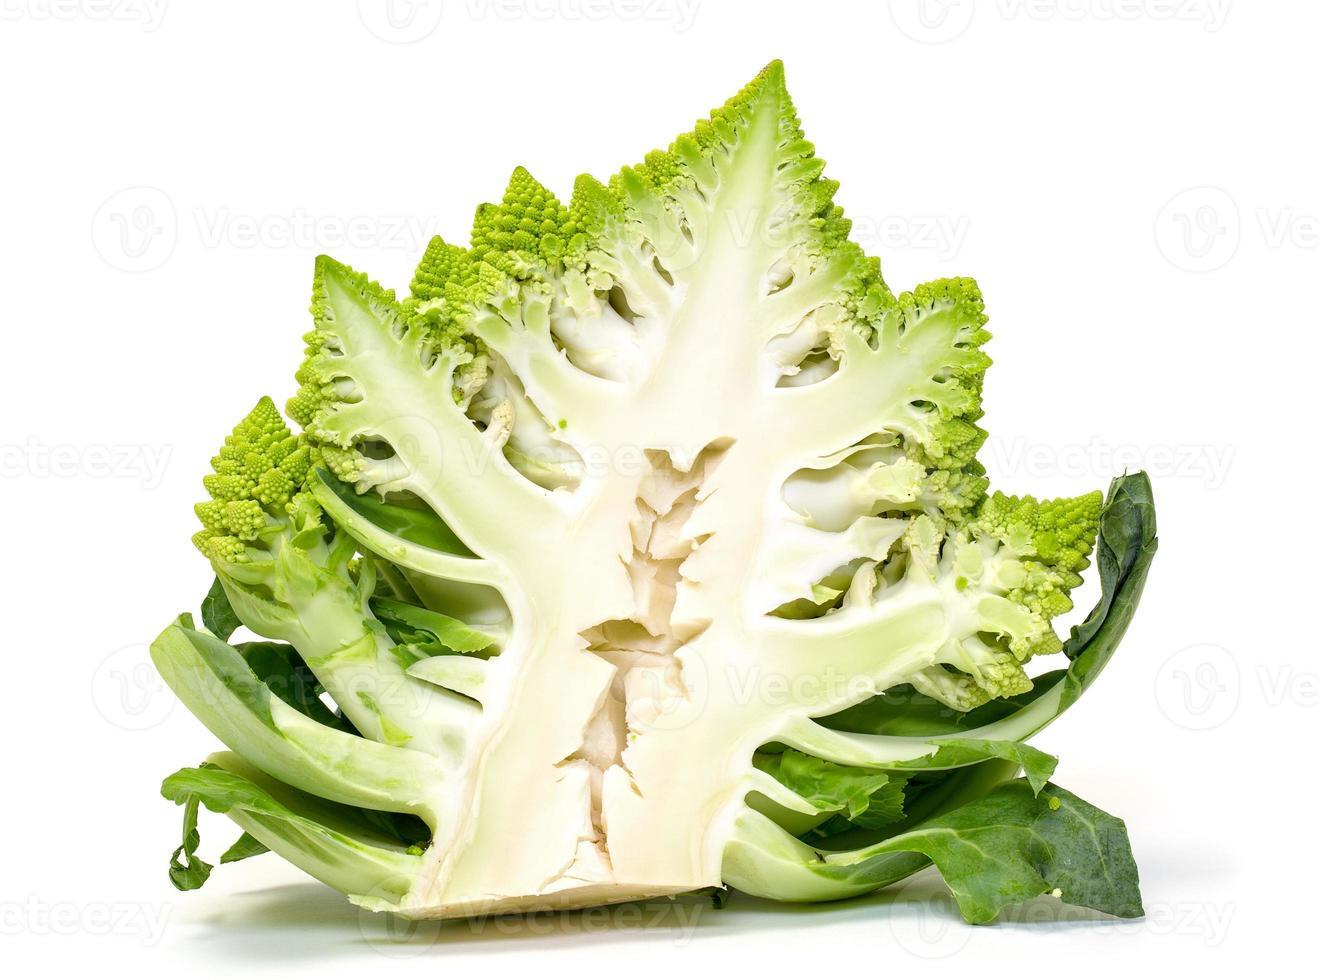 chou-fleur romain frais demi-vert photo